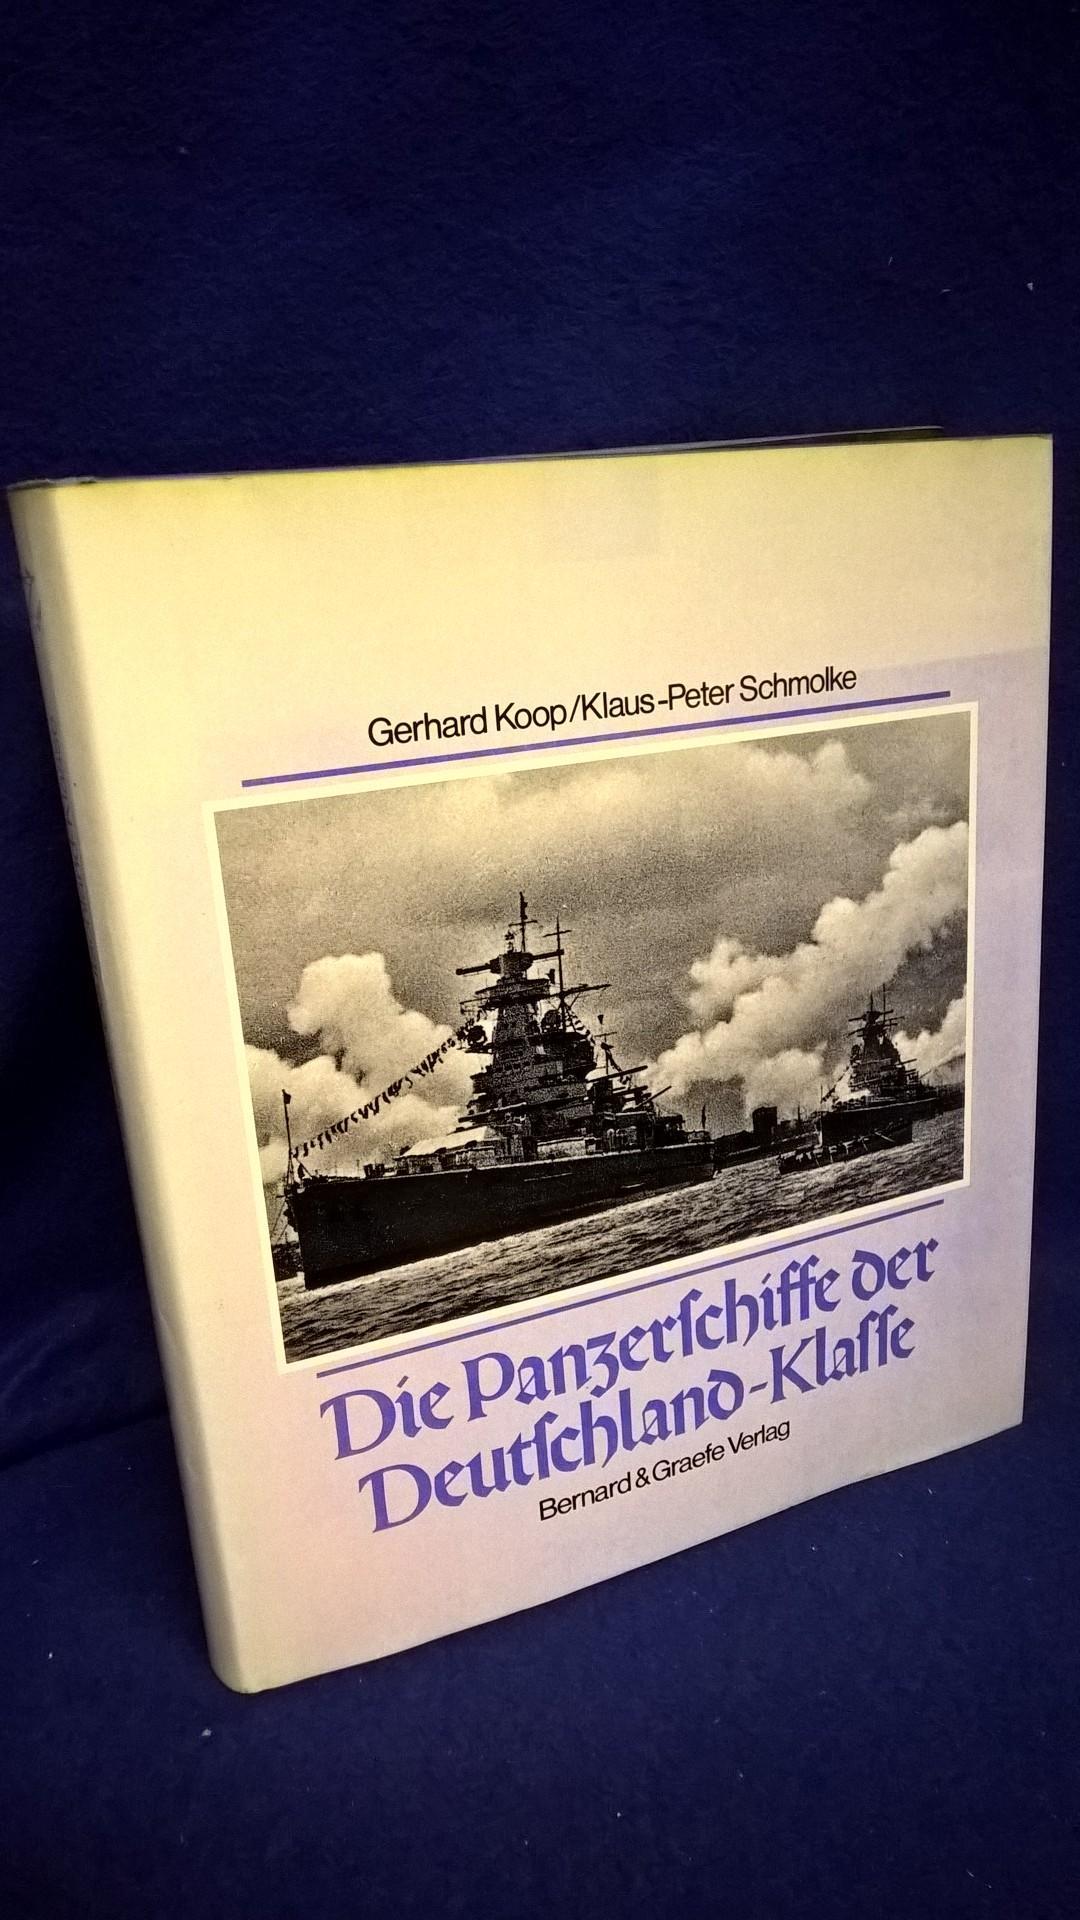 Die Panzerschiffe der Deutschland - Klasse. Deutschland/Lützow-Admiral Scheer-Admiral Graf Spee